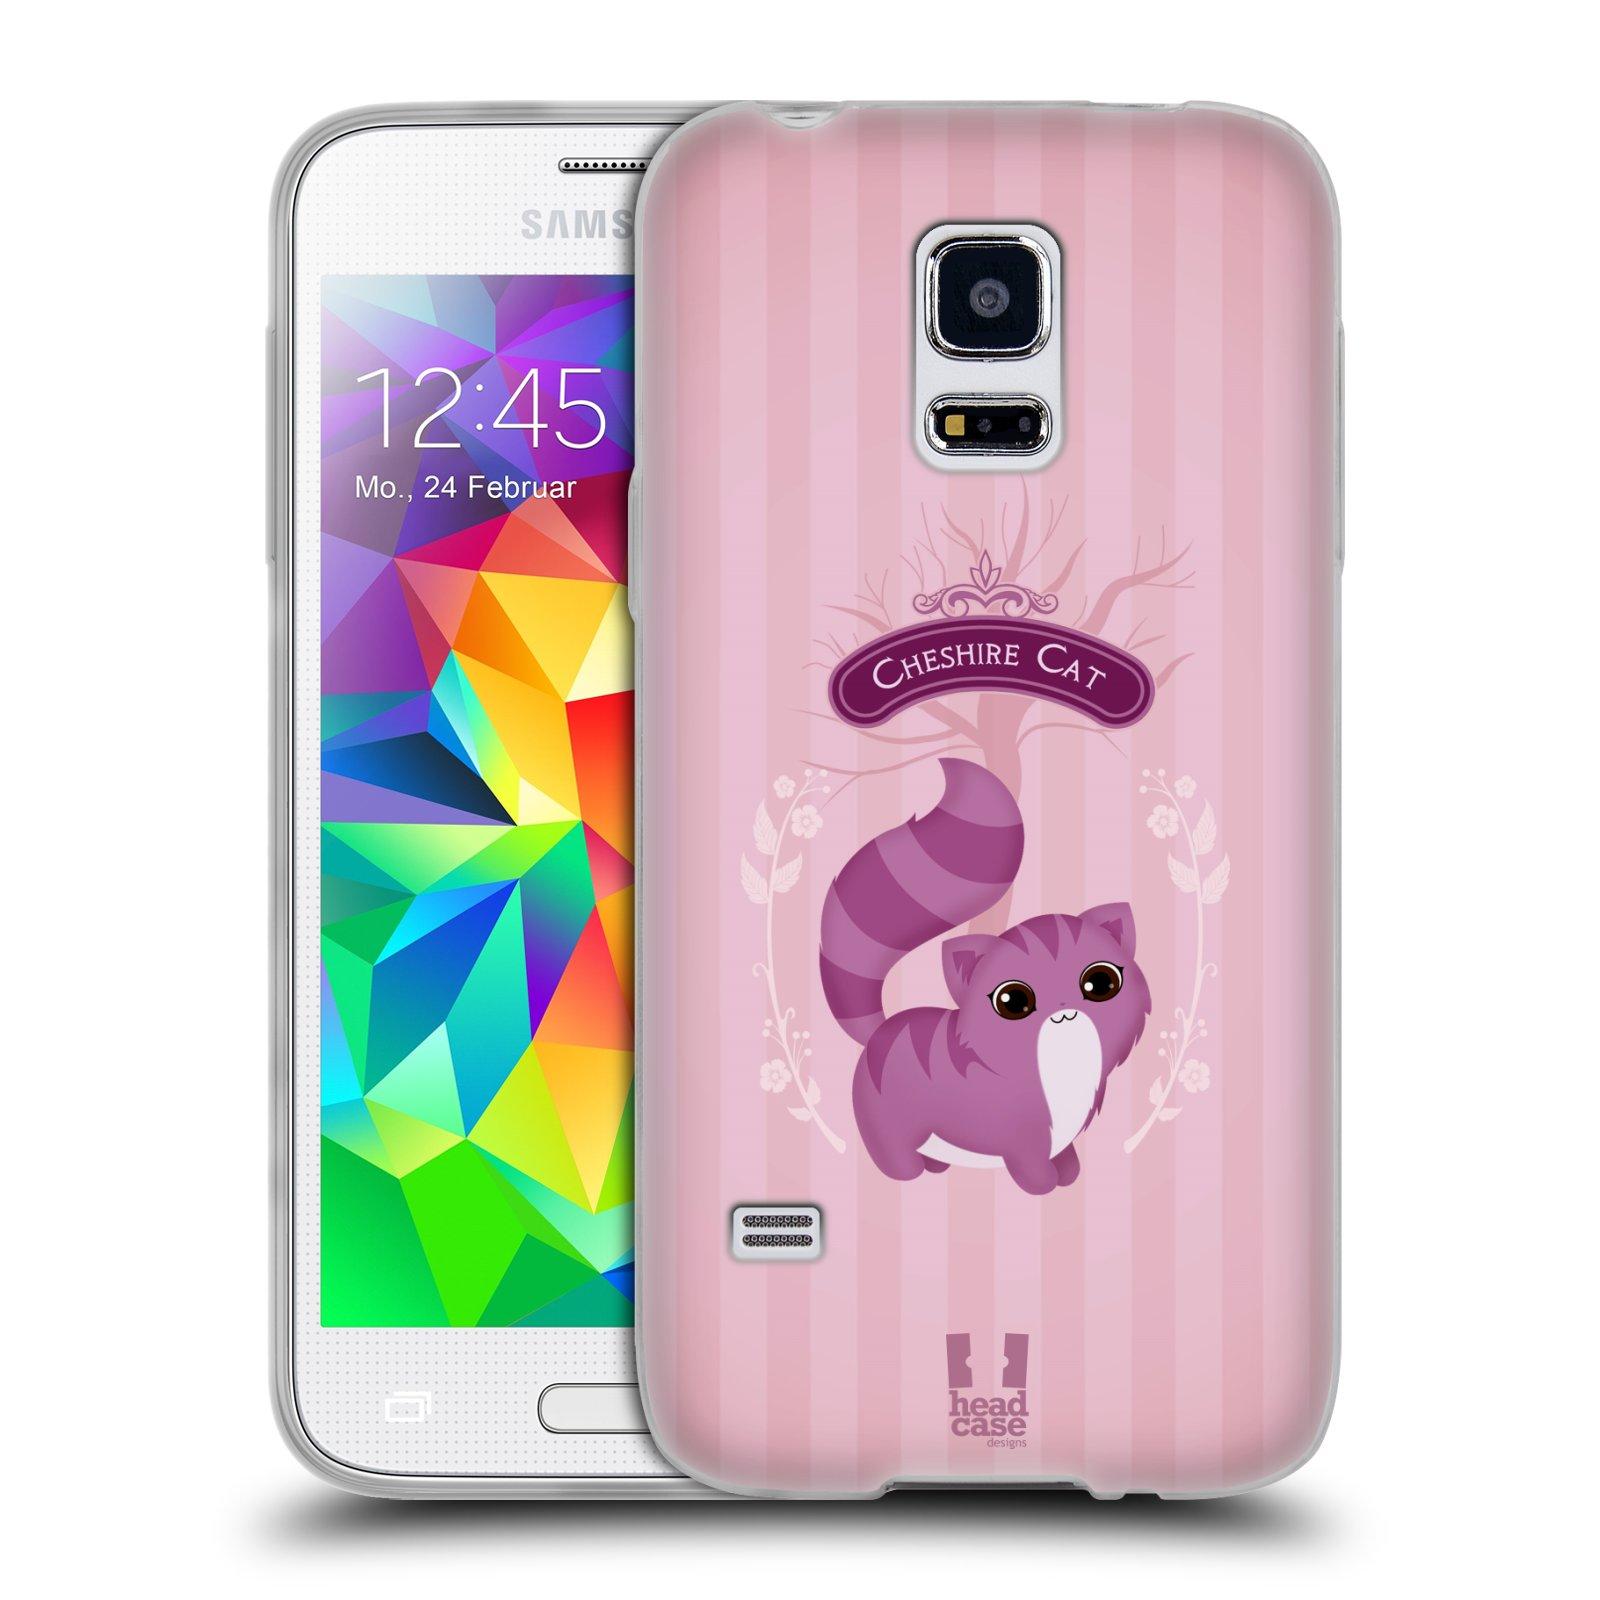 HEAD CASE silikonový obal na mobil Samsung Galaxy S5 MINI vzor Alenka v říši divů kočička